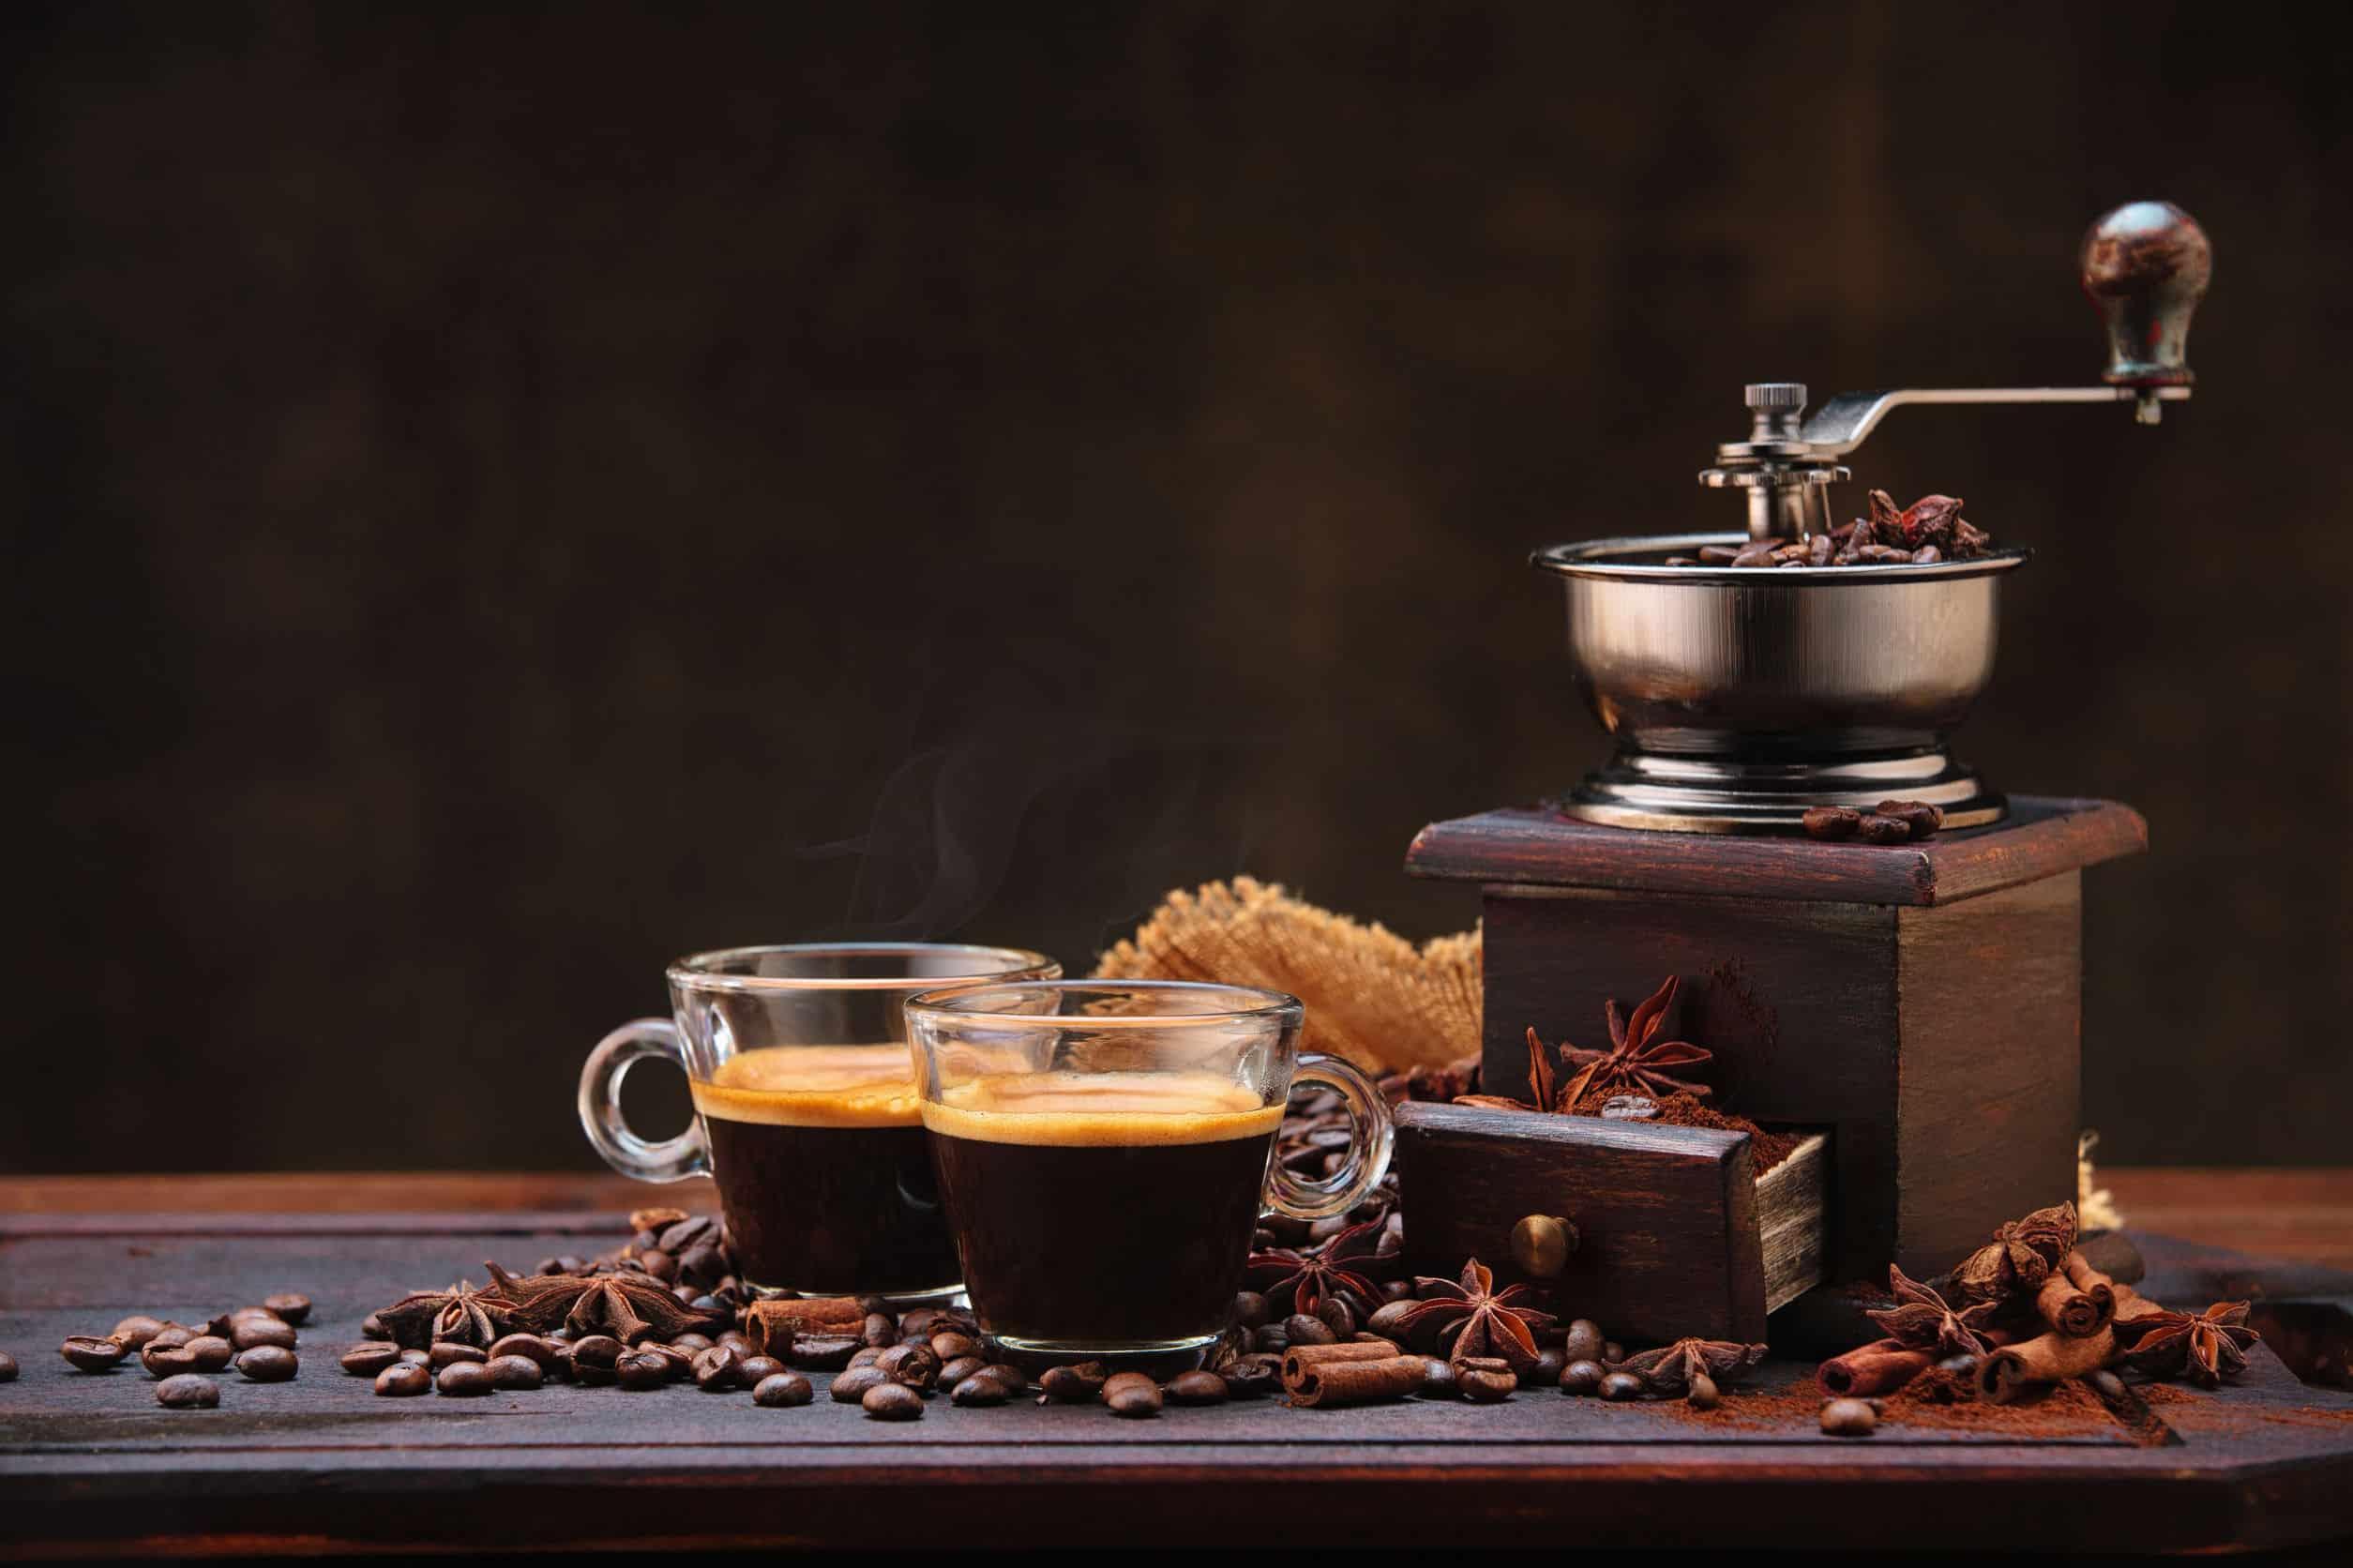 Kaffeemaschine mit Mahlwerk: Test & Empfehlungen (05/21)